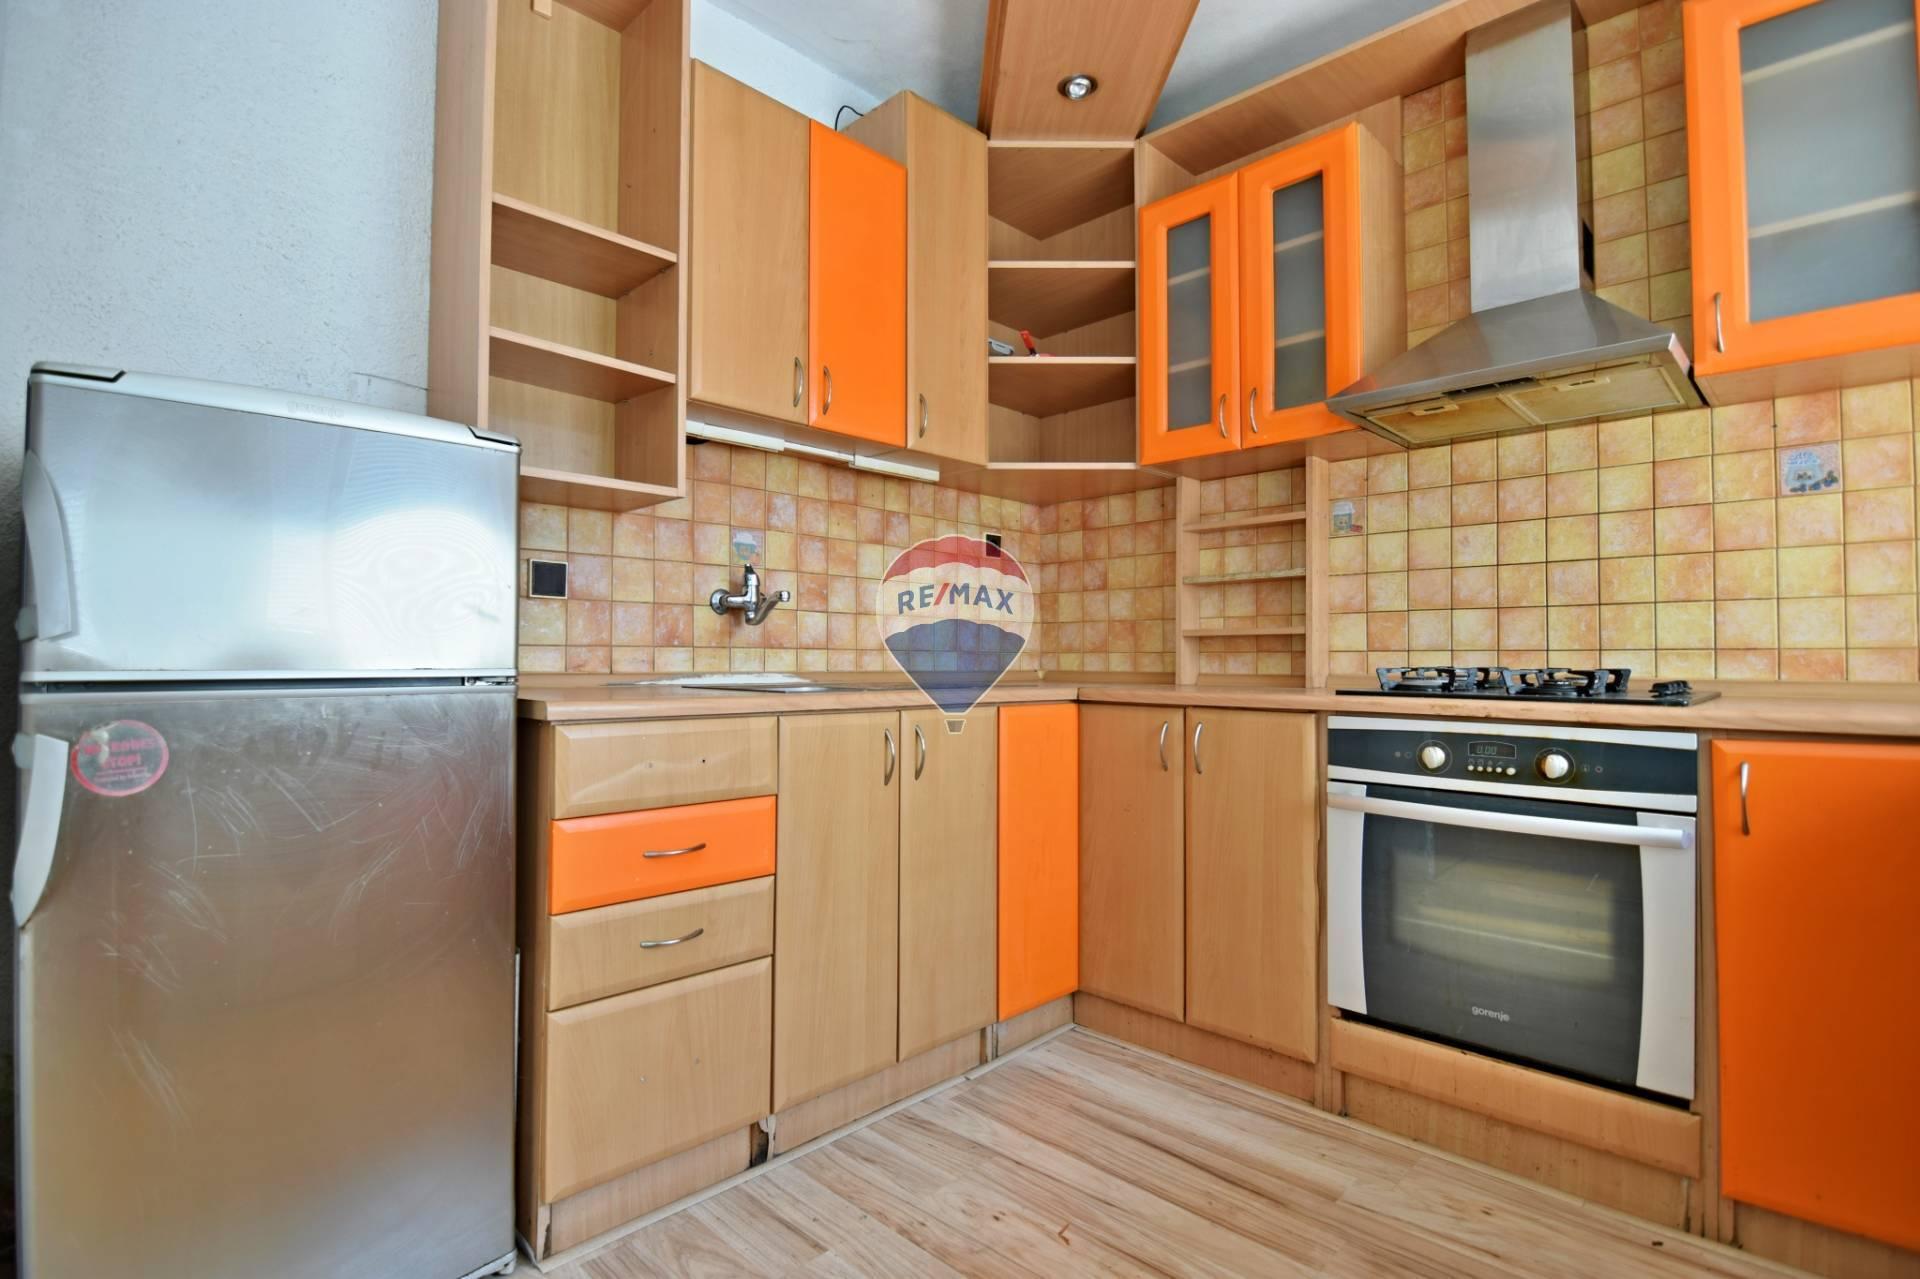 Predaj bytu (3 izbový) 55 m2, Košice - Západ - 3 izbovy byt na predaj_Kosice